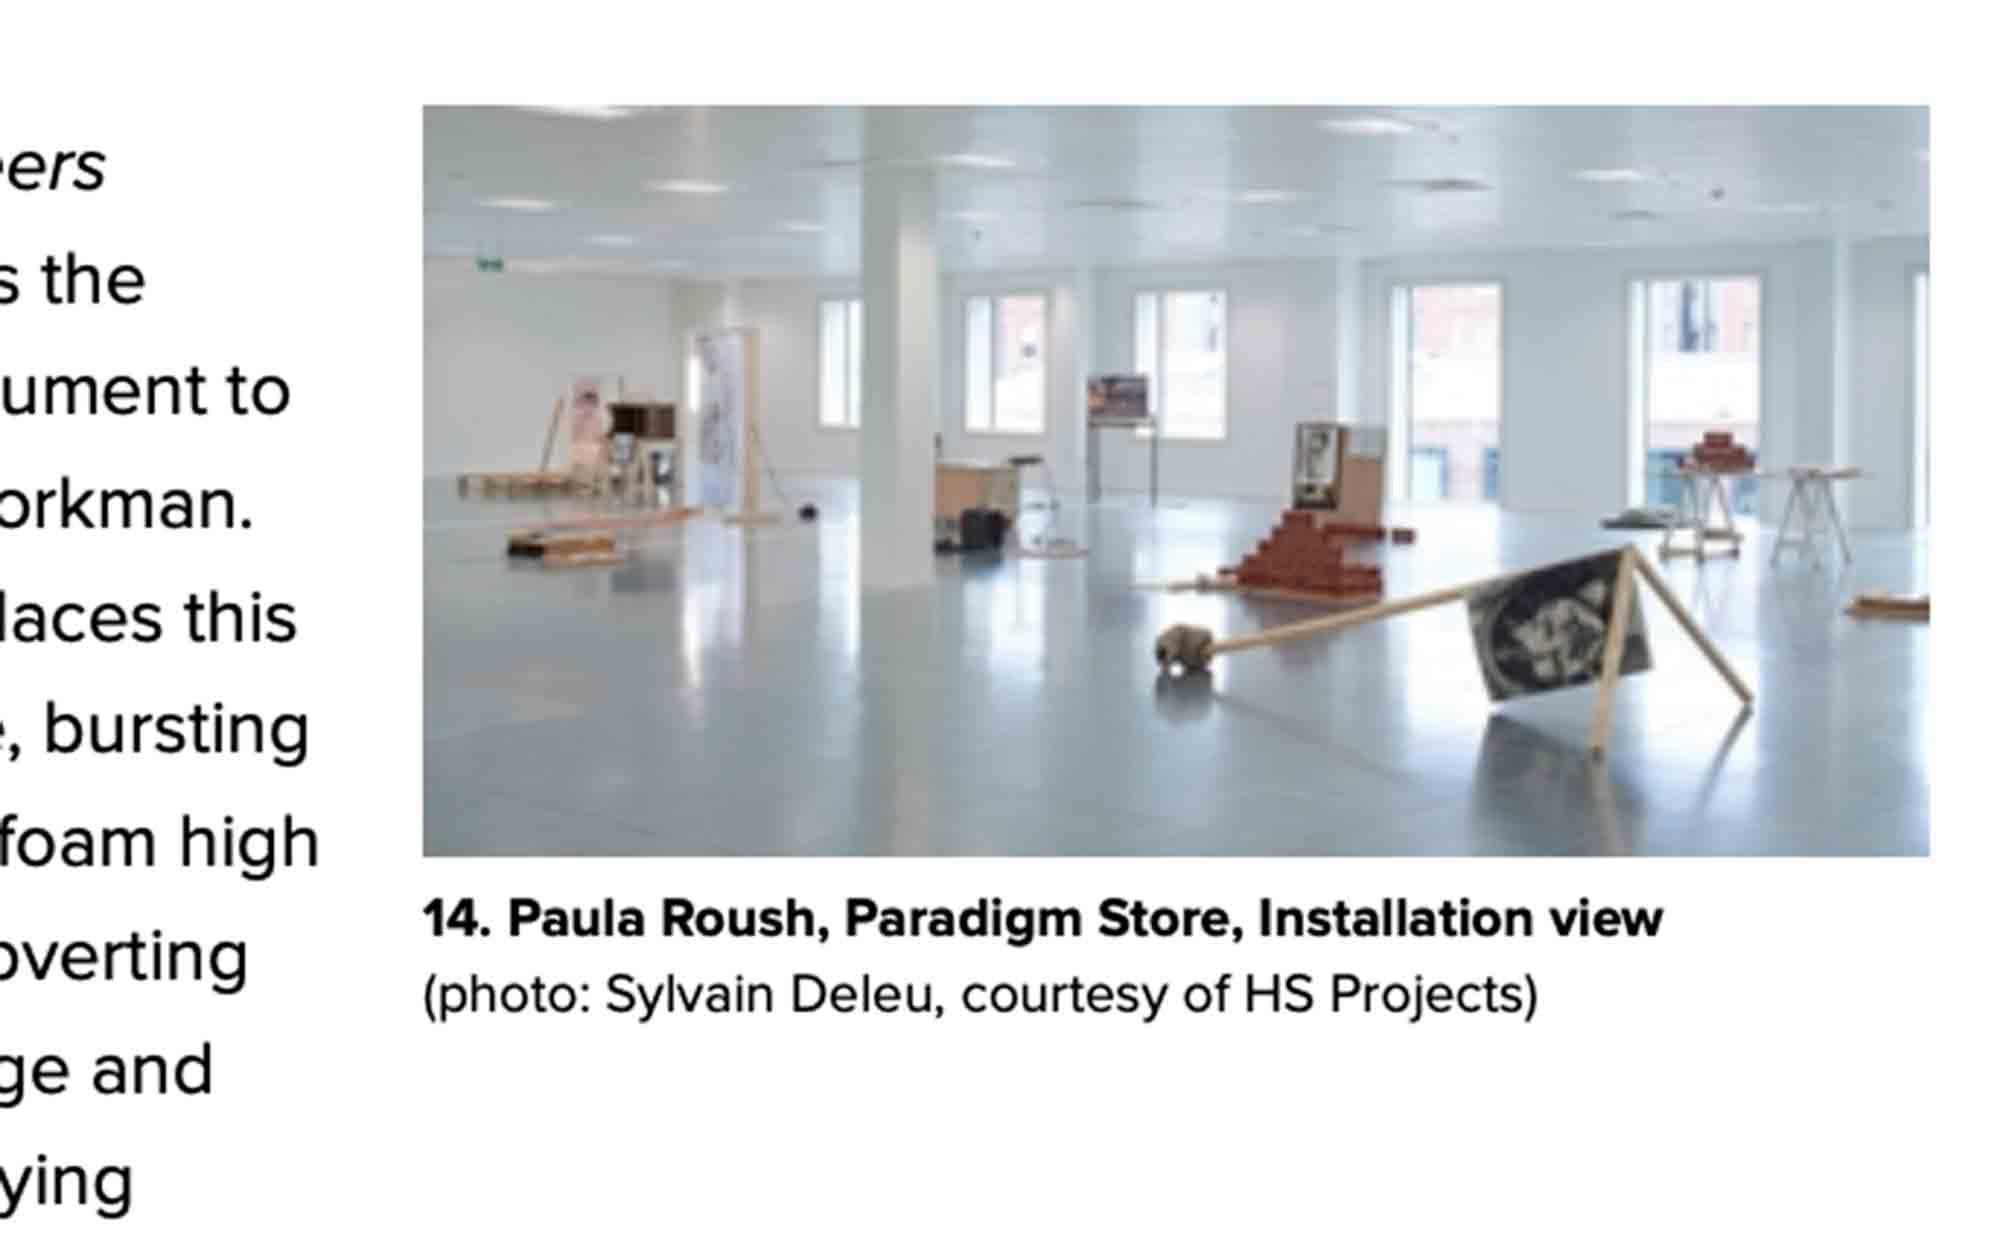 paradigm-store